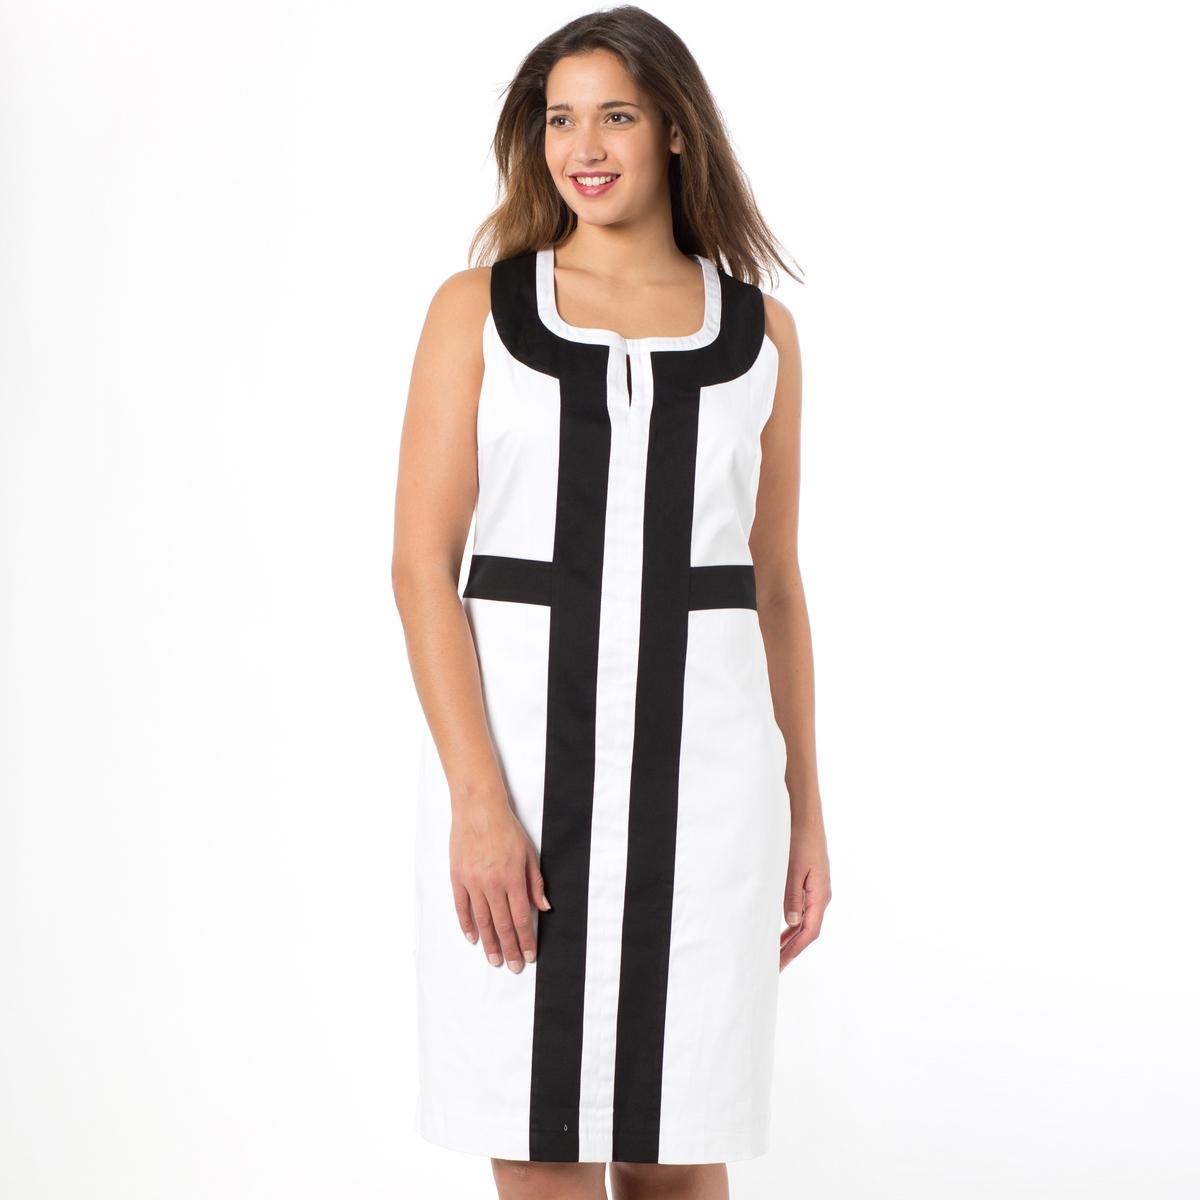 Платье прямого покрояПлатье прямого покроя без рукавов. Двухцветное платье с контрастными швами, вдохновленное графикой… Закругленный вырез с разрезом. Молния сбоку. 98% хлопка, 2% эластана, подкладка из полиэстера. Длина ниже колена, 100 см.<br><br>Цвет: белый + черный<br>Размер: 46 (FR) - 52 (RUS).52 (FR) - 58 (RUS)